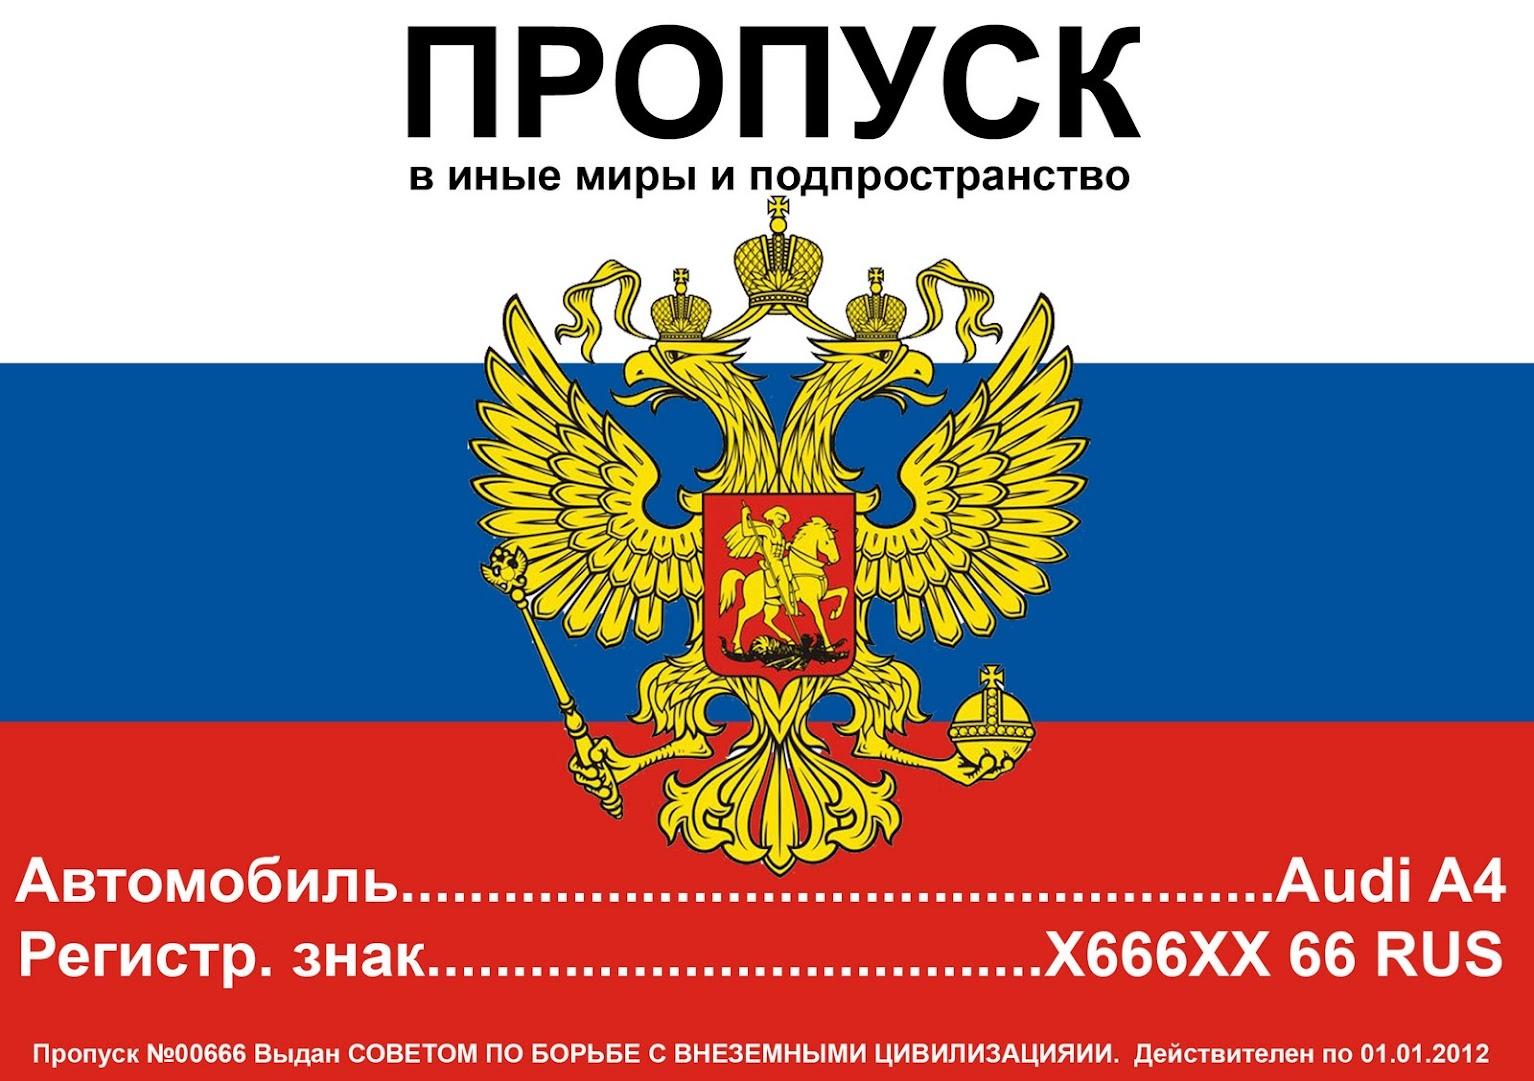 Продажа больничных листов в Боровске